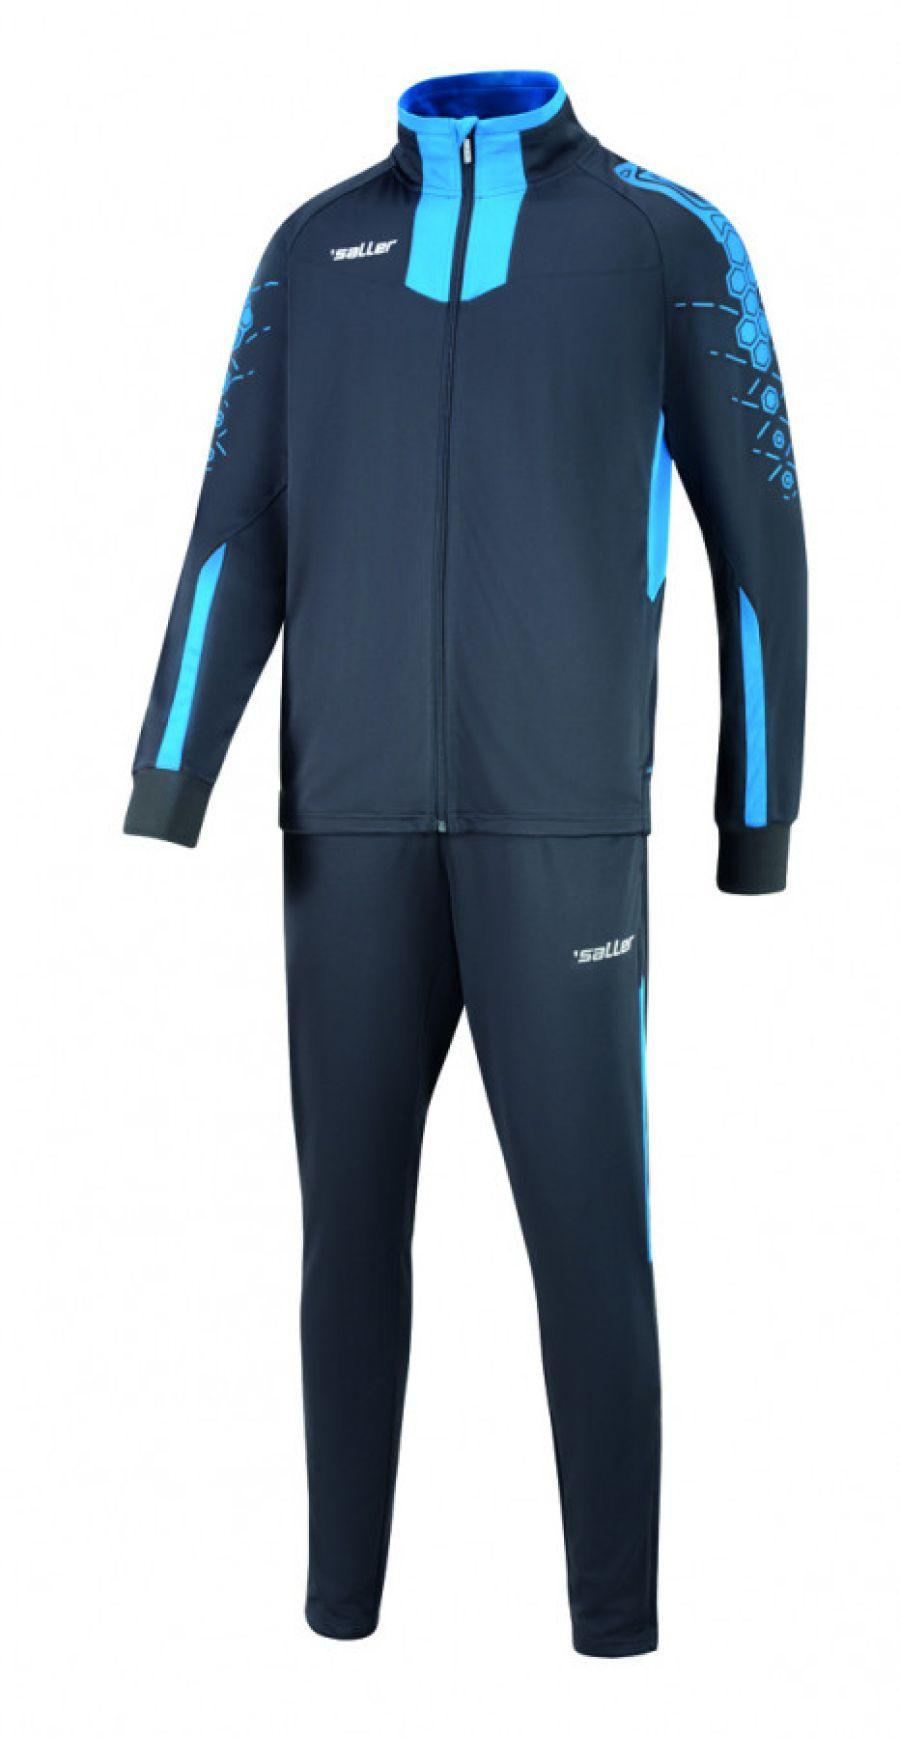 Спортивный костюм(тренировочный) »sallerCORE 2.0« арт.6059